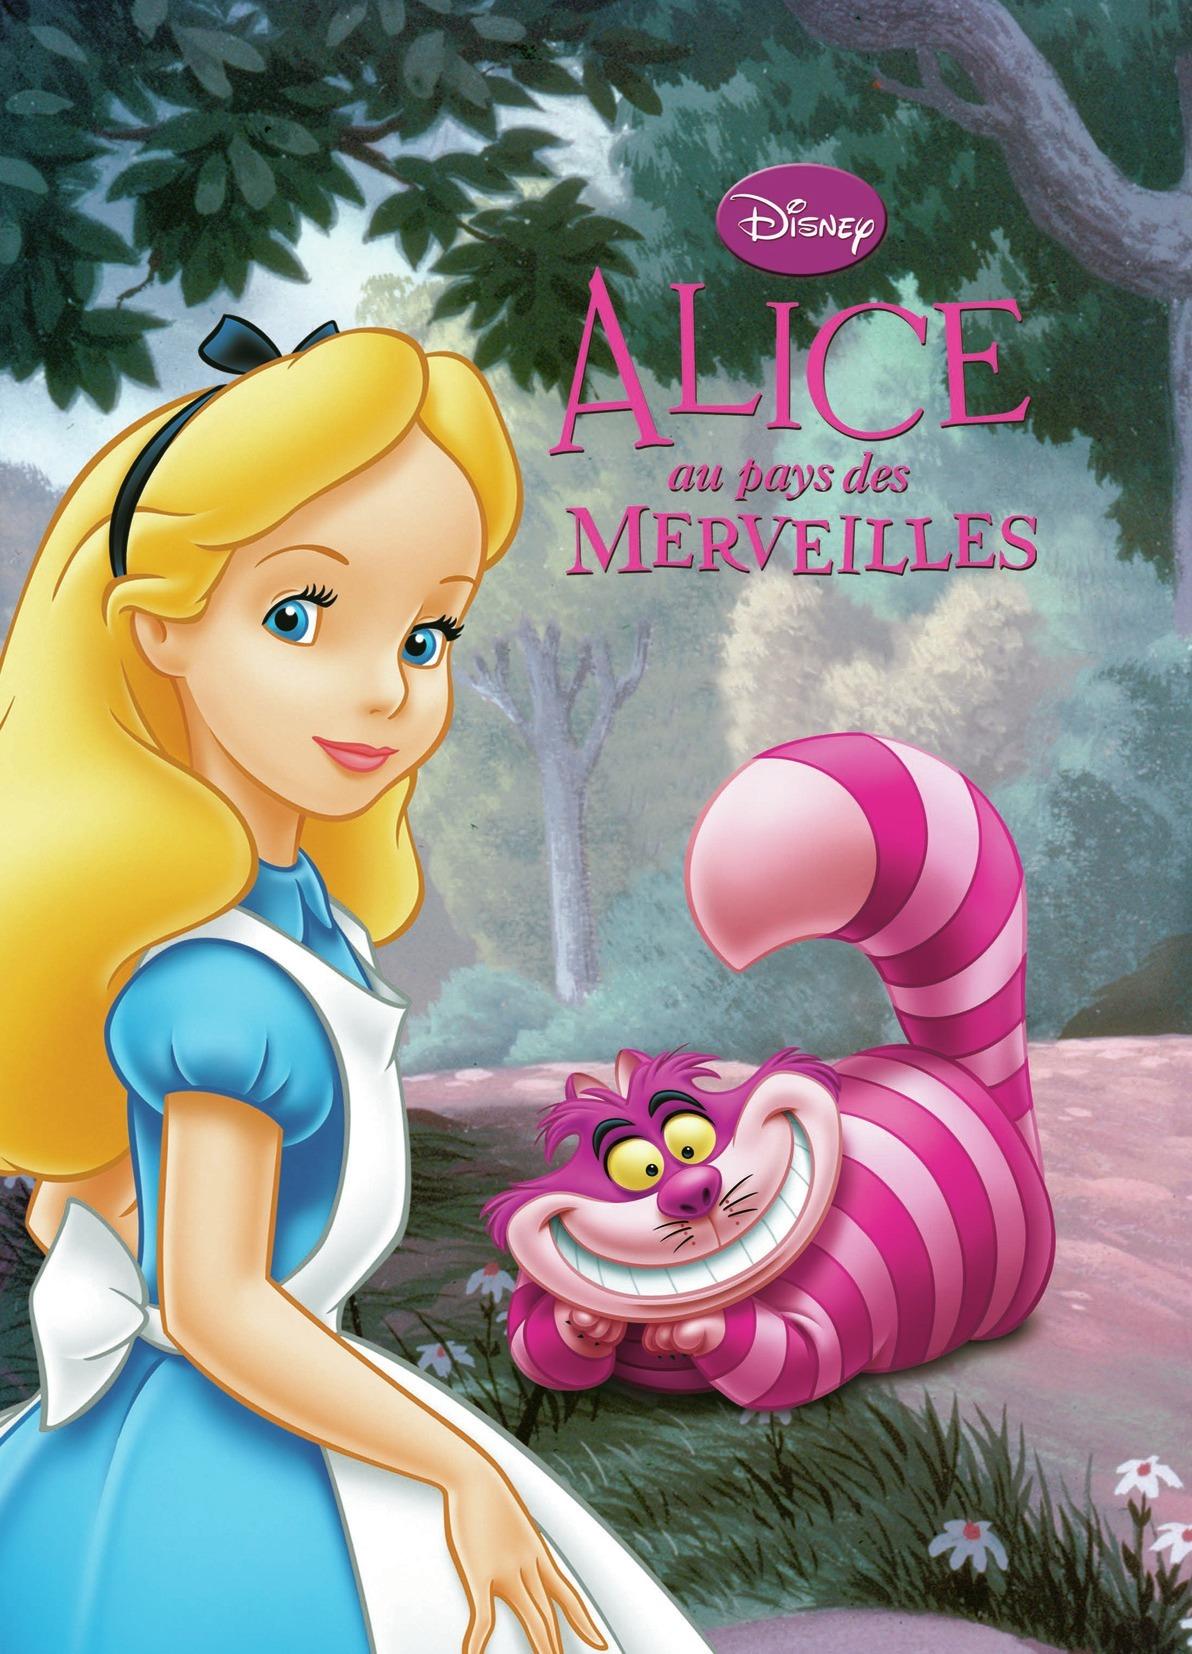 Alice Aux Pays Des Merveilles Images alice au pays des merveilles coloriage - ecosia